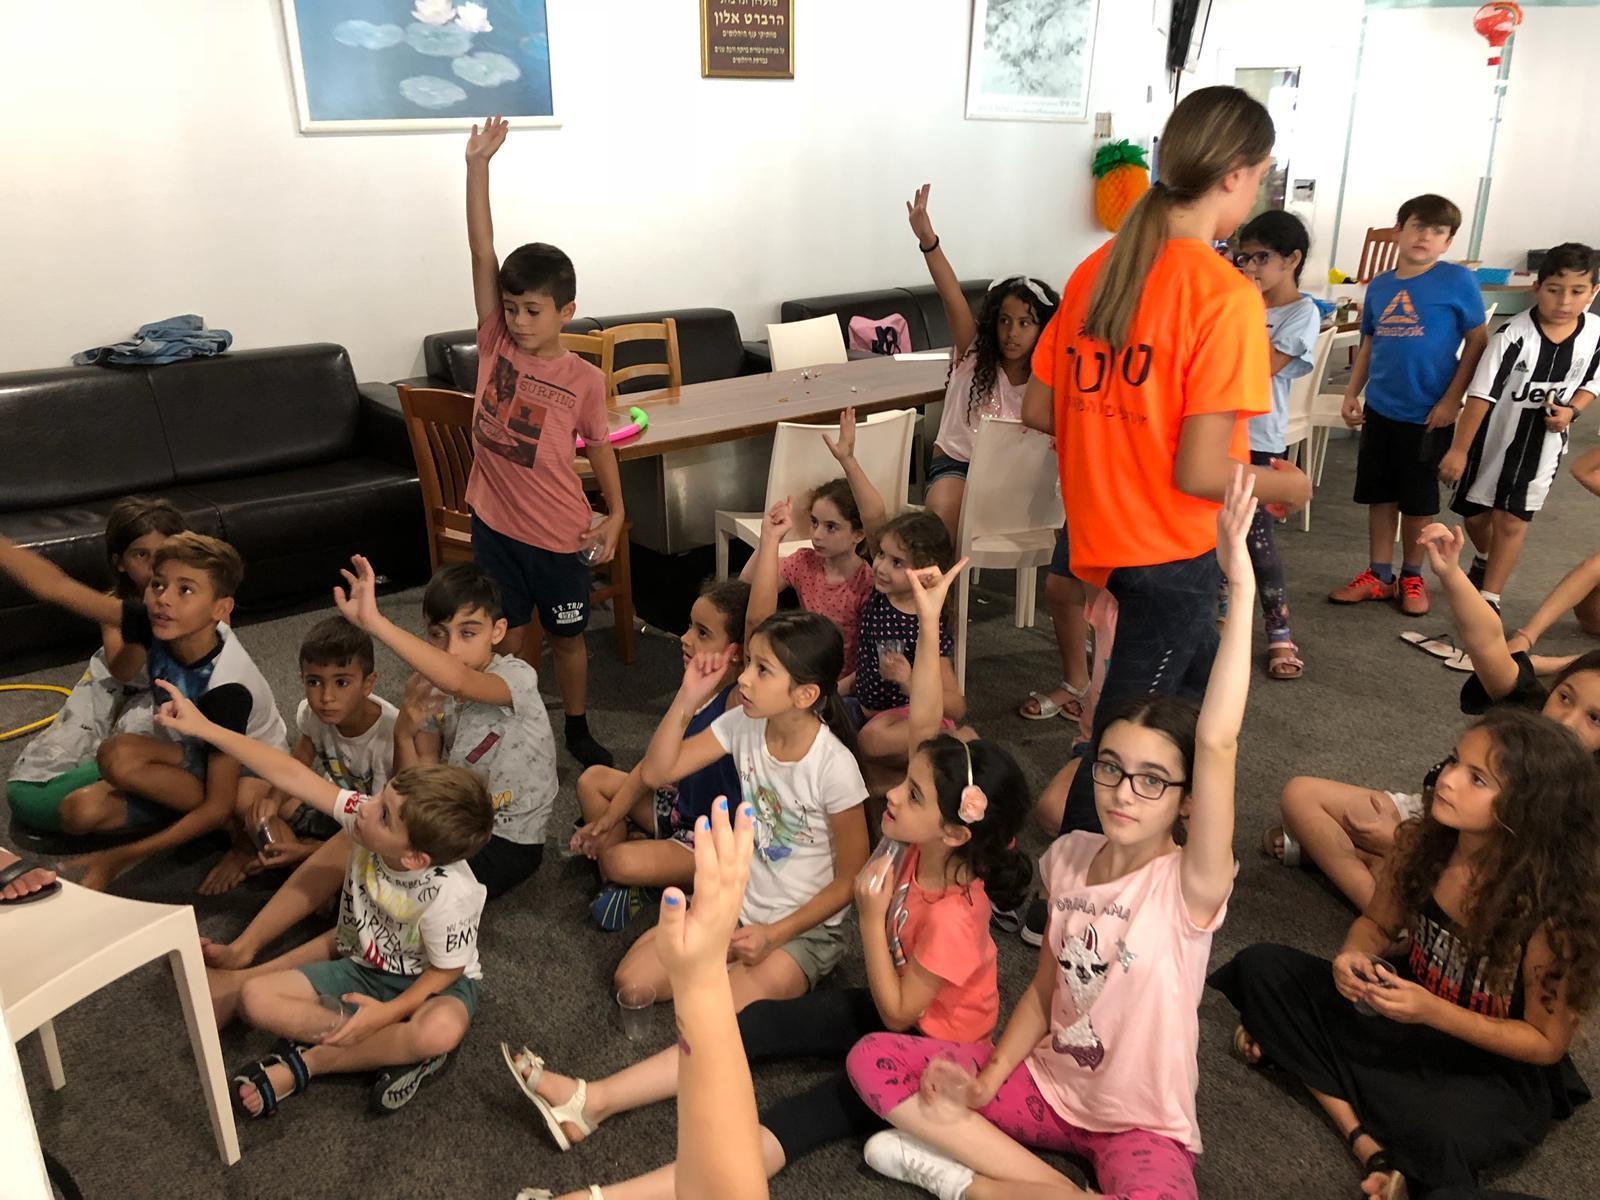 גלרייה - קייטנת ילדי הבורסה 17-31.08.2018 תמונה 27 מתוך 31